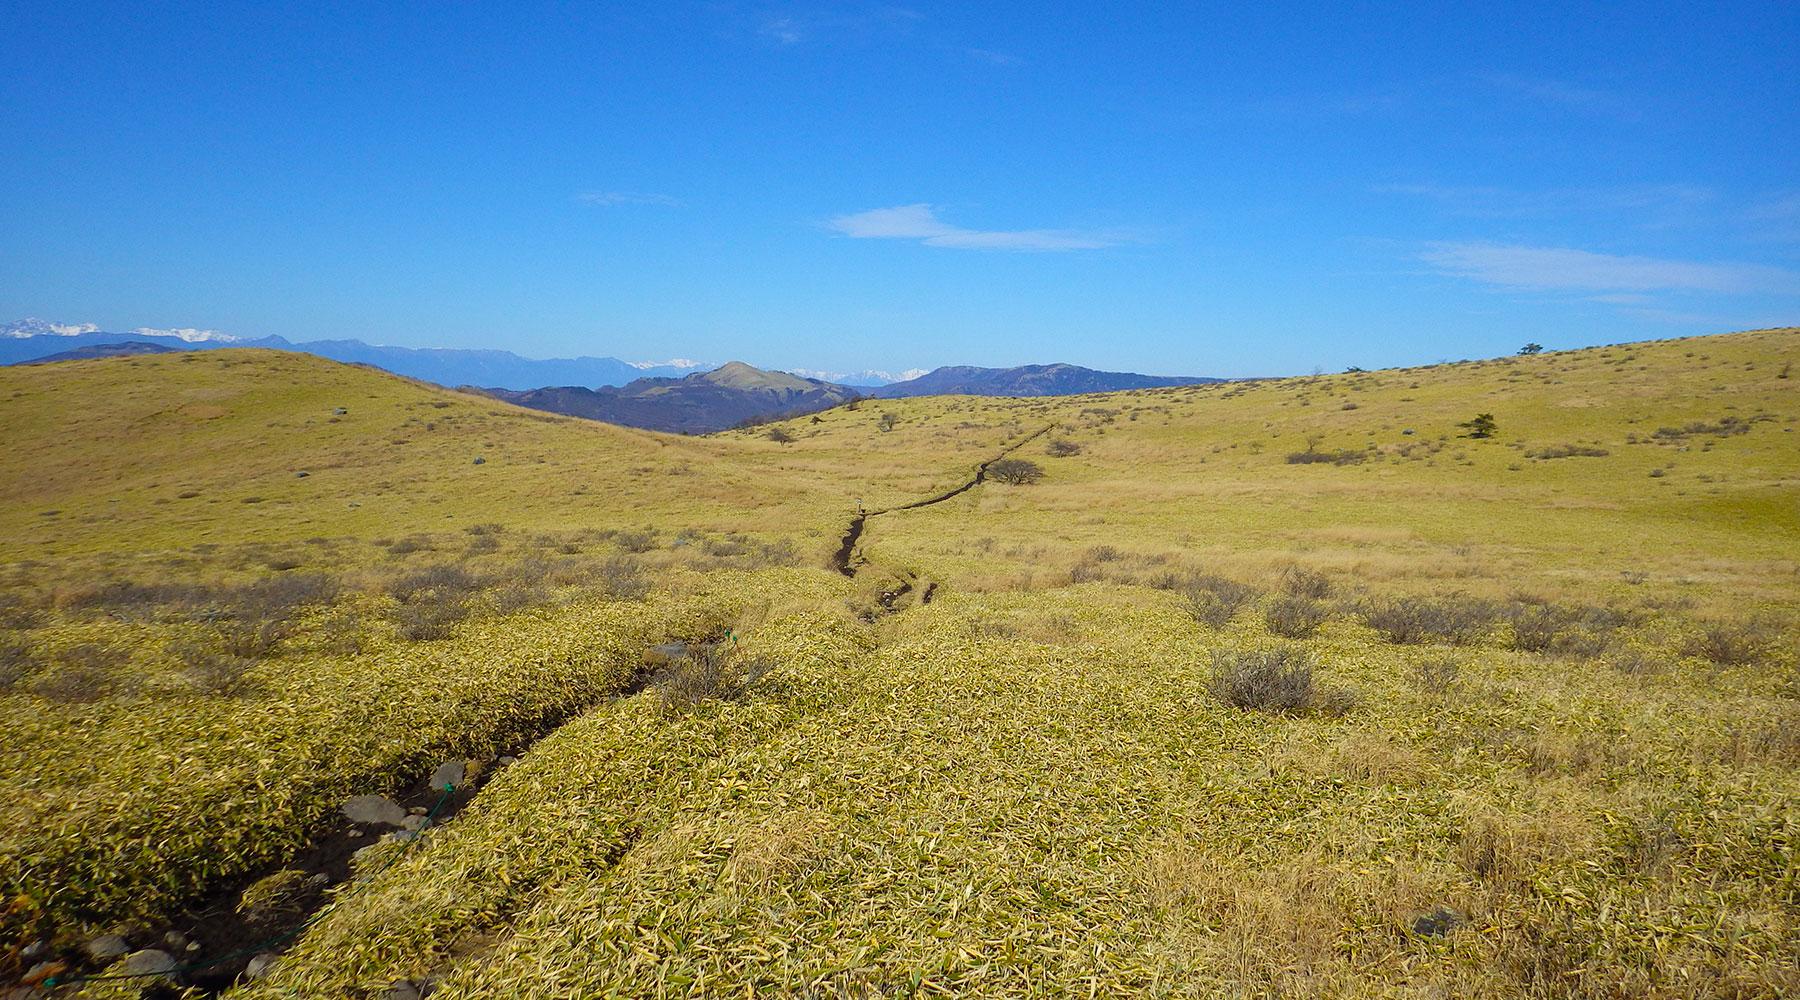 蝶々深山から八島ヶ原湿原へ向かうルート